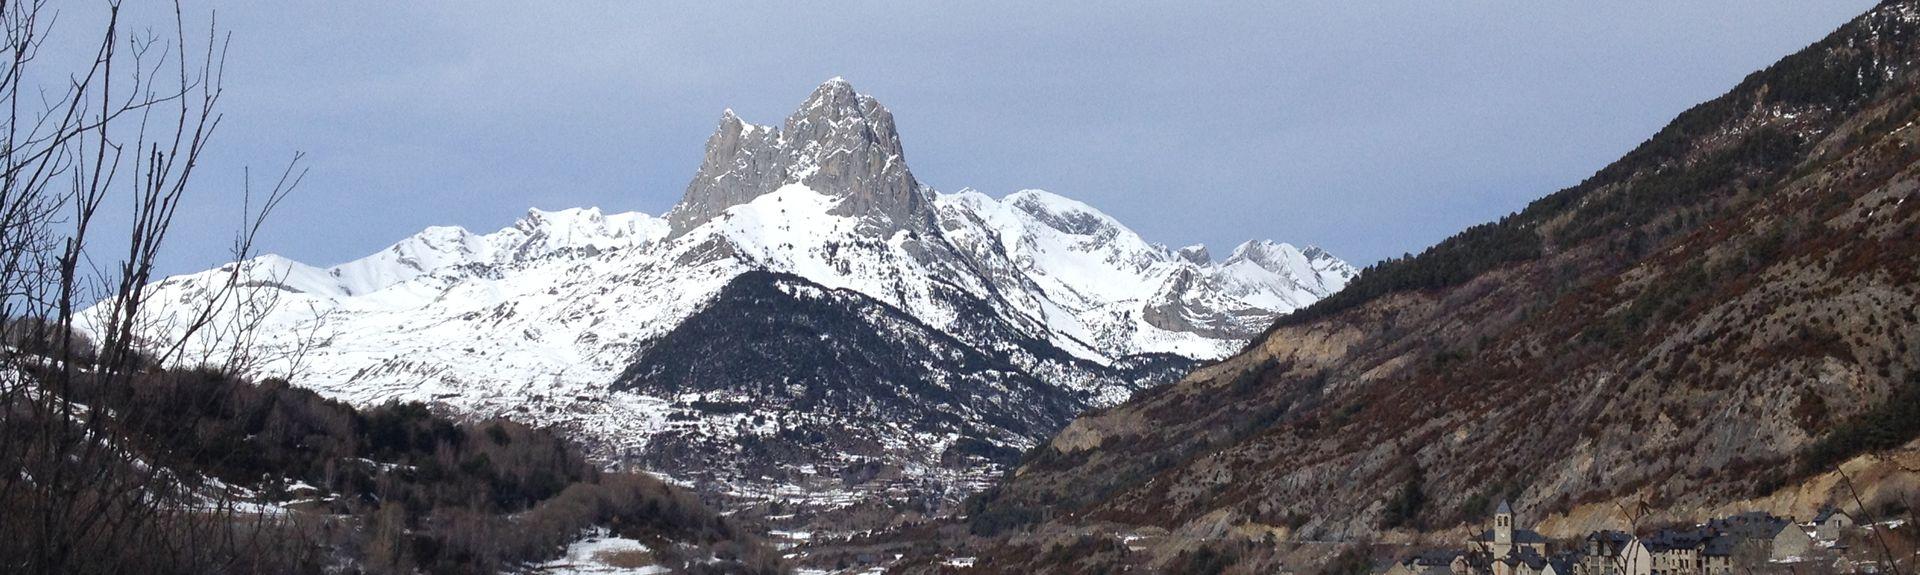 Aísa, Huesca, Spain